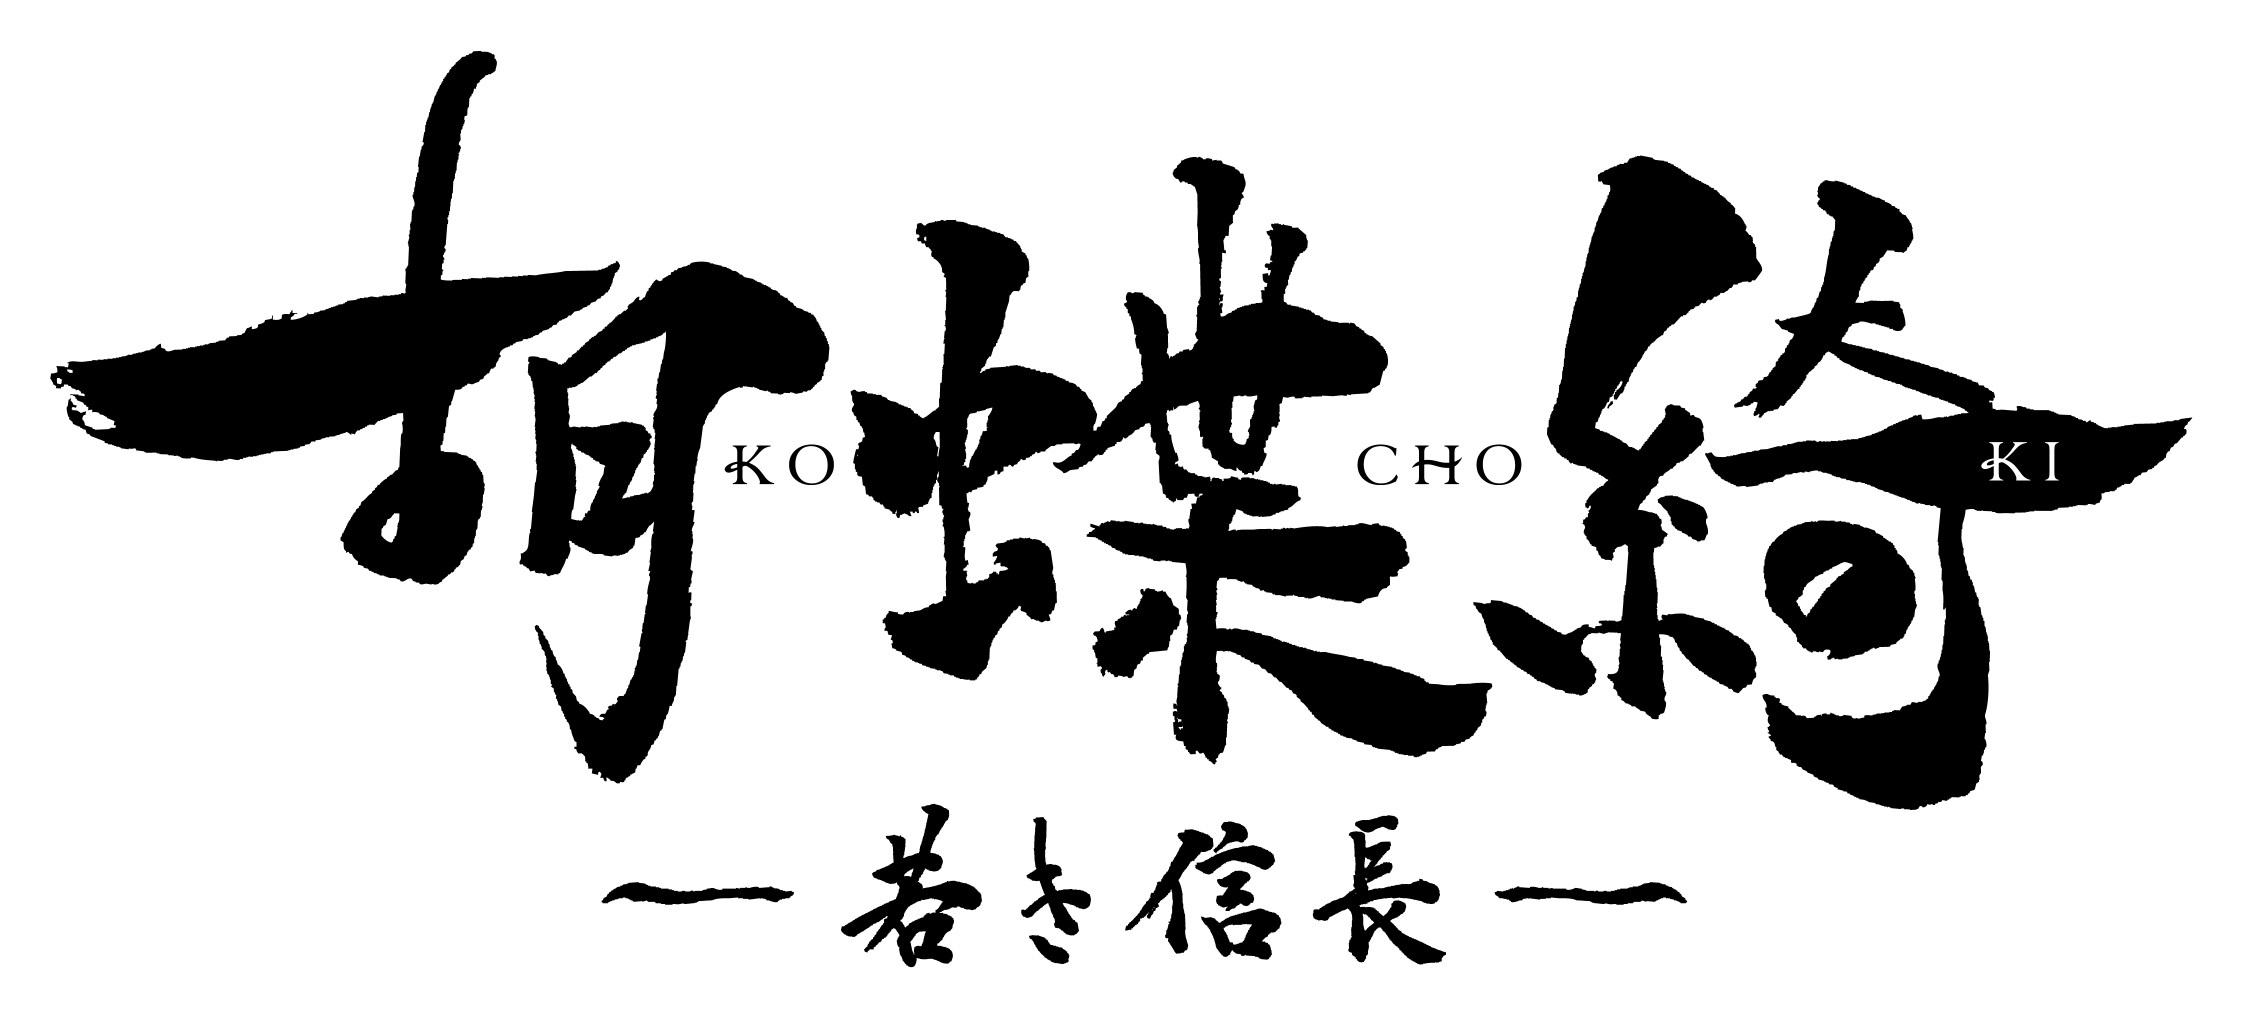 『胡蝶綺 ~若き信長~』ロゴ (C)揚羽母衣衆/胡蝶綺製作委員会